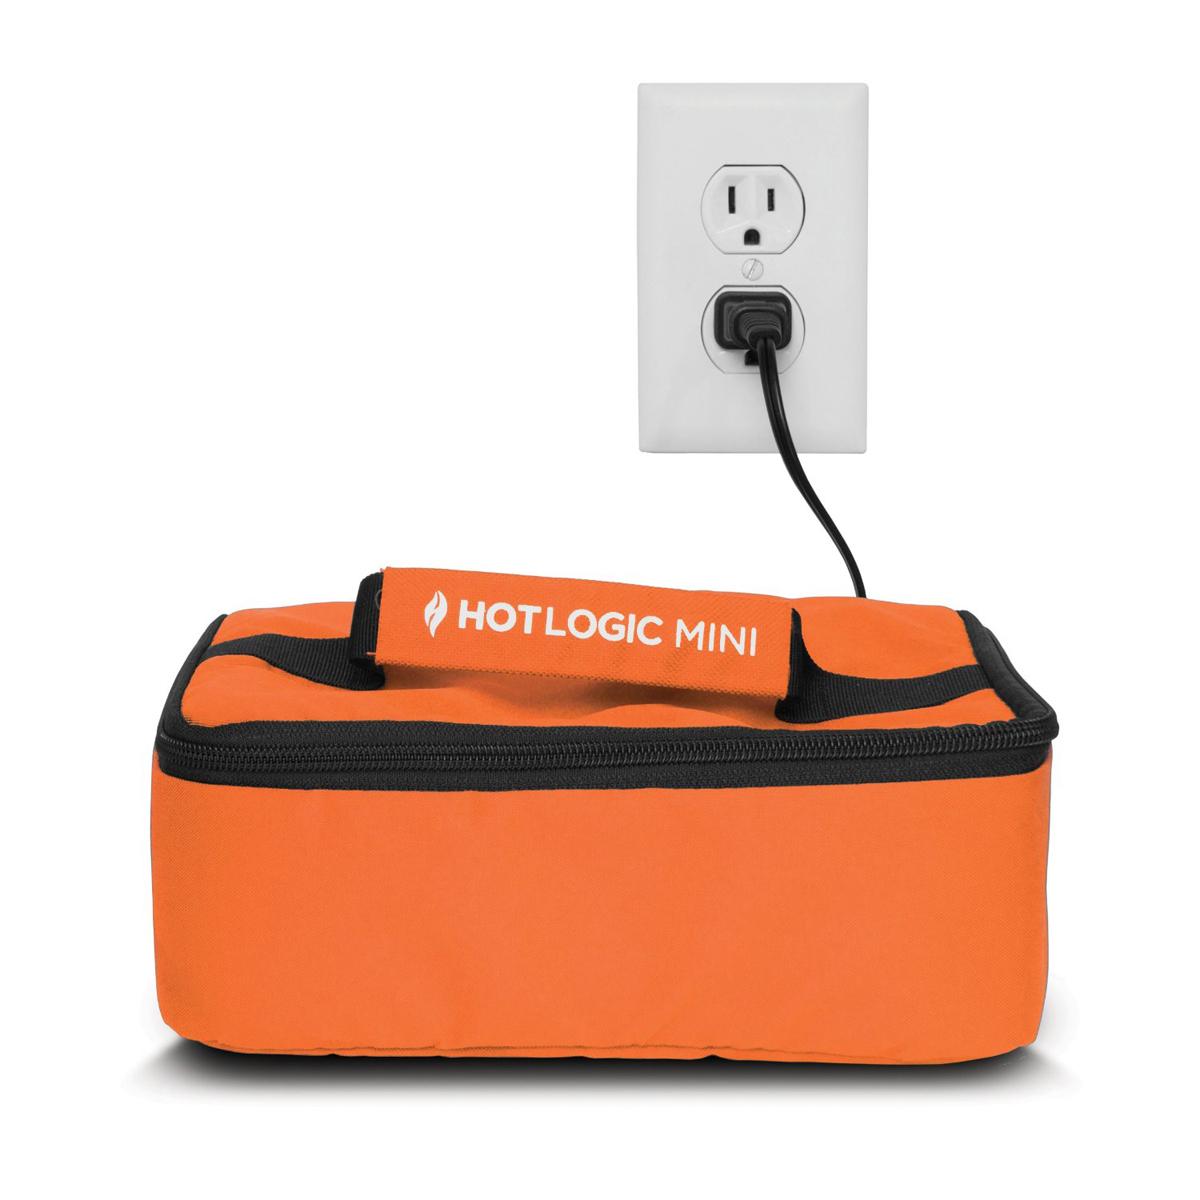 Hot-Logic-Mini-Personal-Portable-Oven thumbnail 24